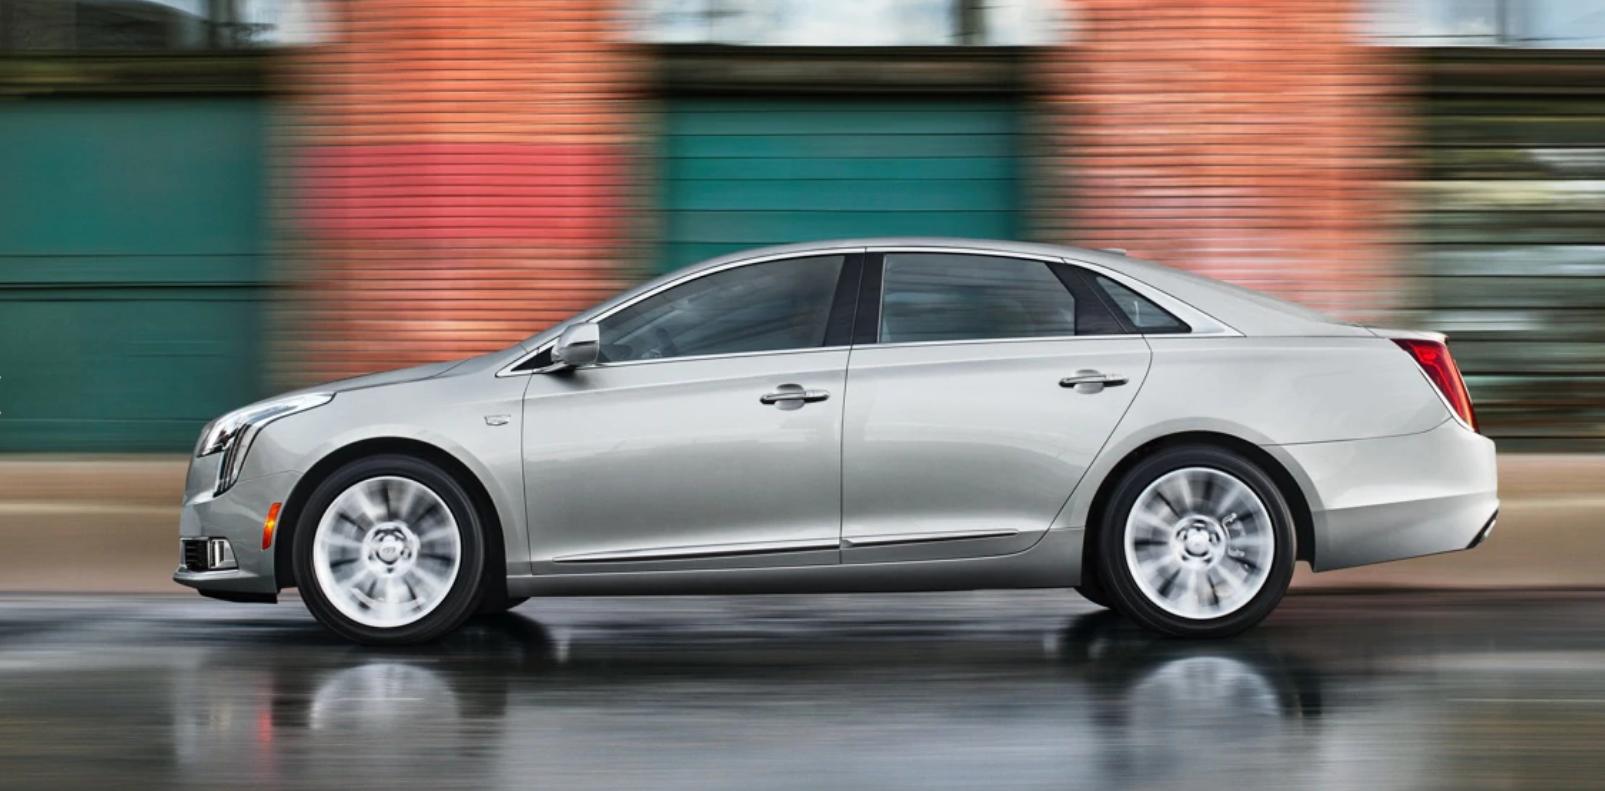 2019 Cadillac Xts V Sport 4wd Sedan Review